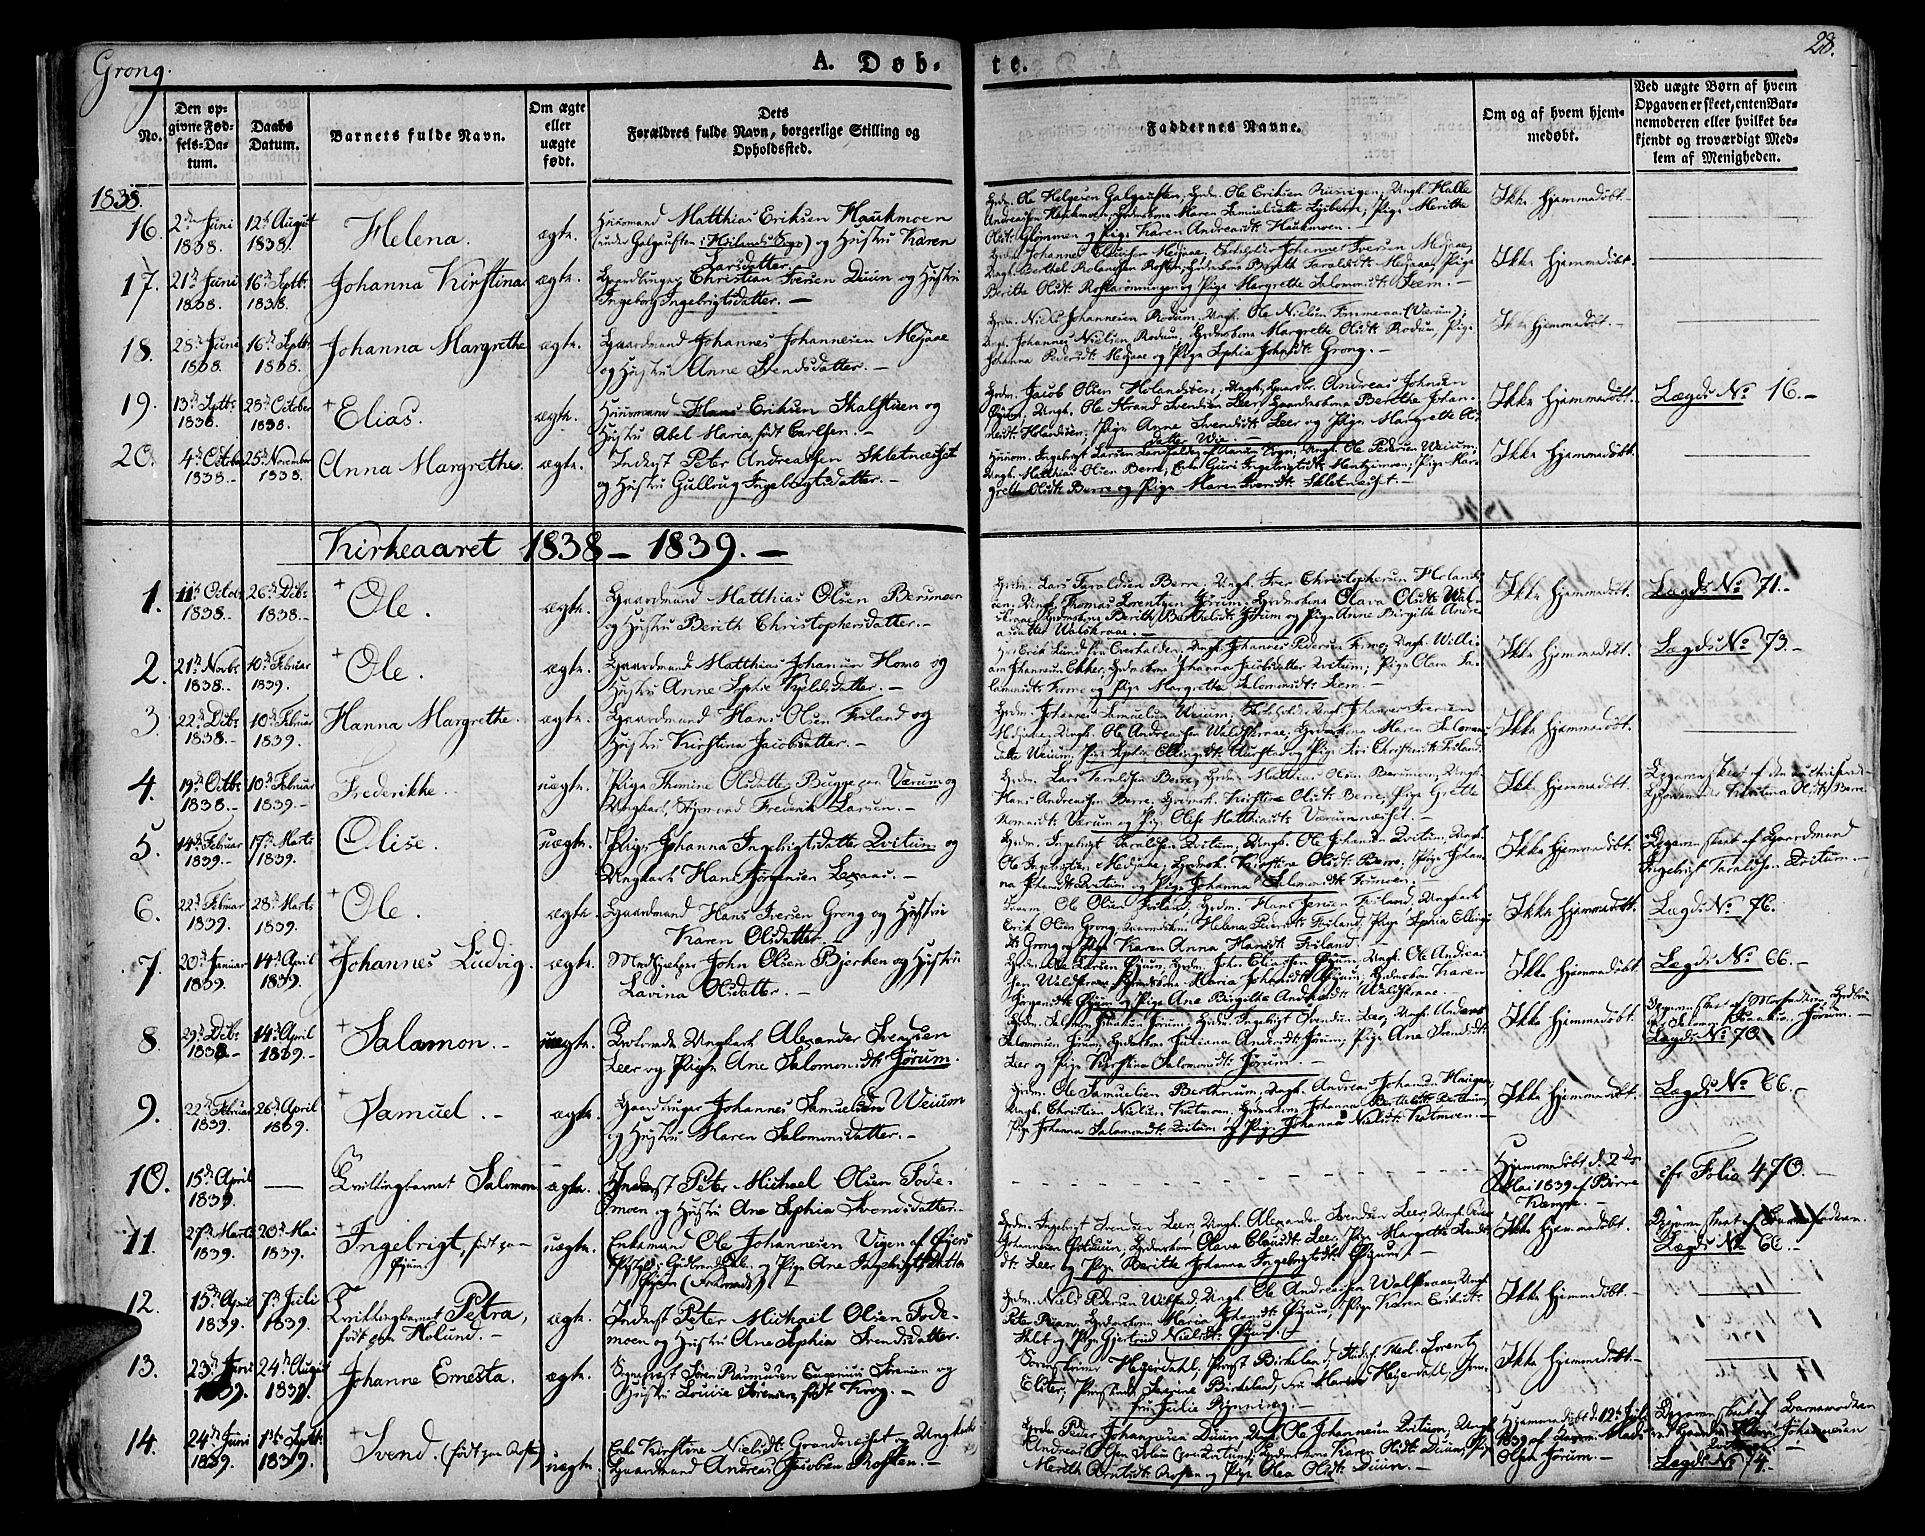 SAT, Ministerialprotokoller, klokkerbøker og fødselsregistre - Nord-Trøndelag, 758/L0510: Ministerialbok nr. 758A01 /1, 1821-1841, s. 28